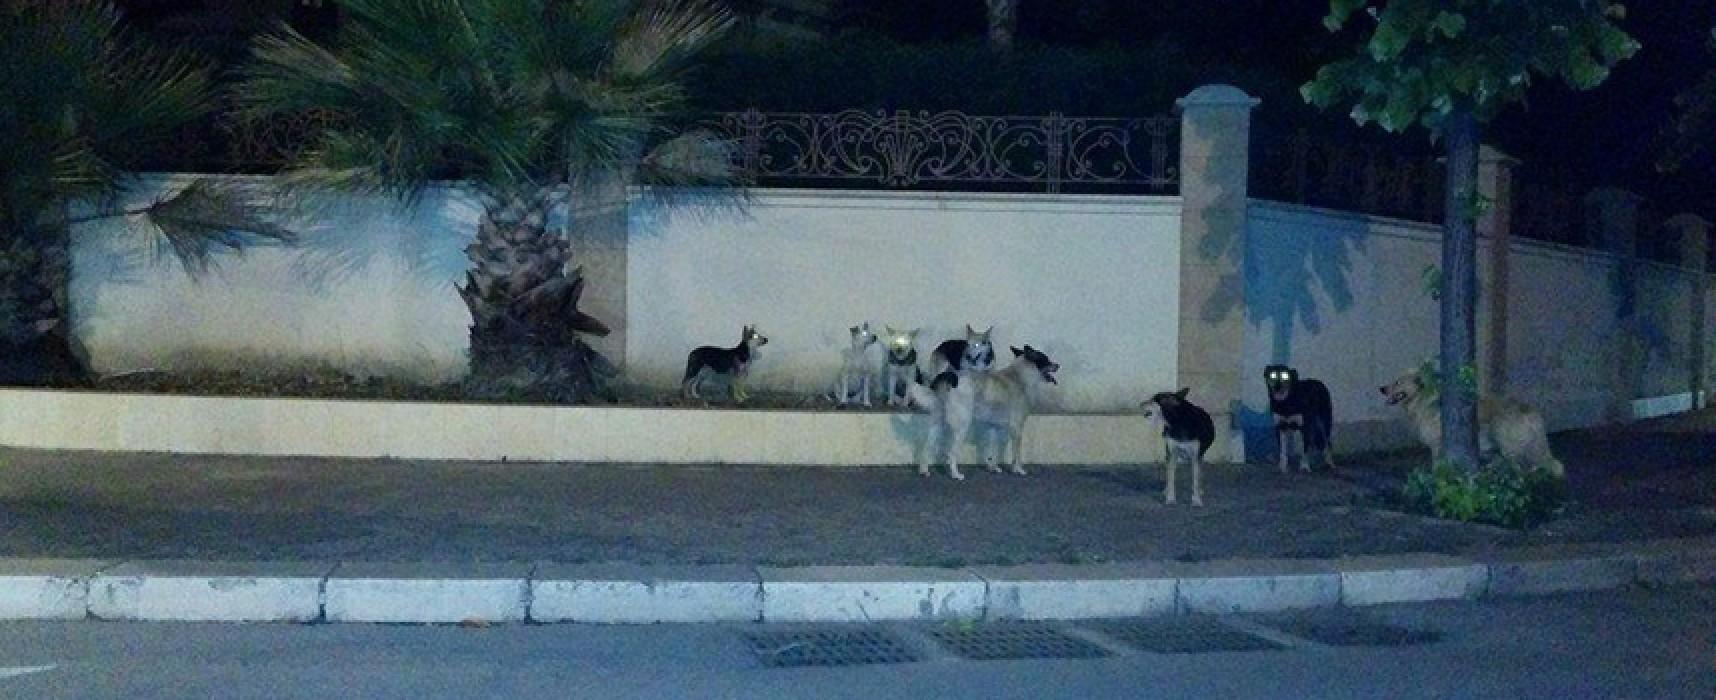 Branco numeroso di cani avvistato più volte nel quartiere Sant'Andrea